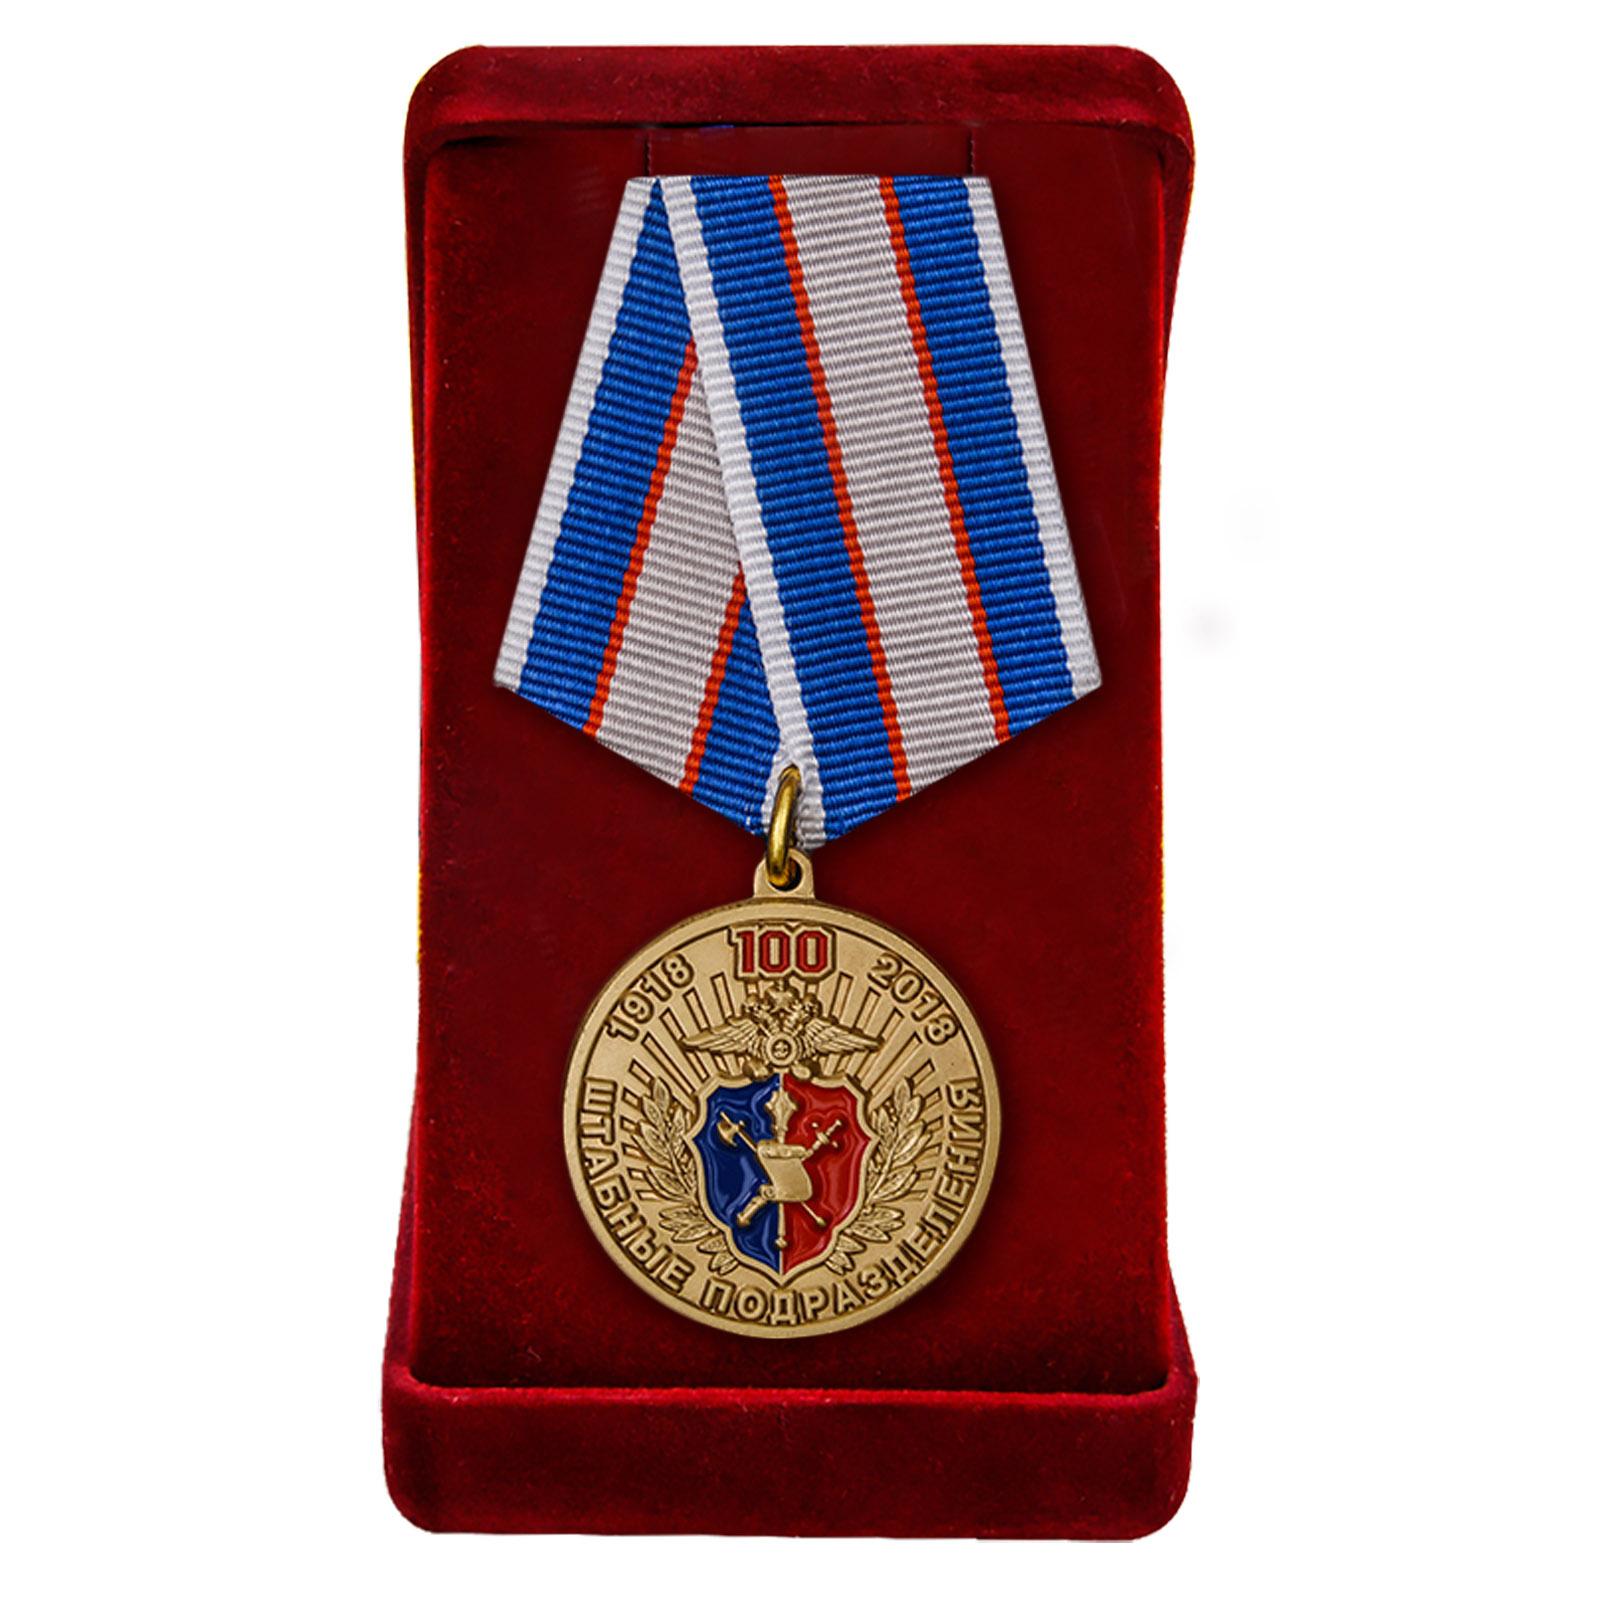 Купить юбилейную медаль МВД 100 лет Штабным подразделениям оптом